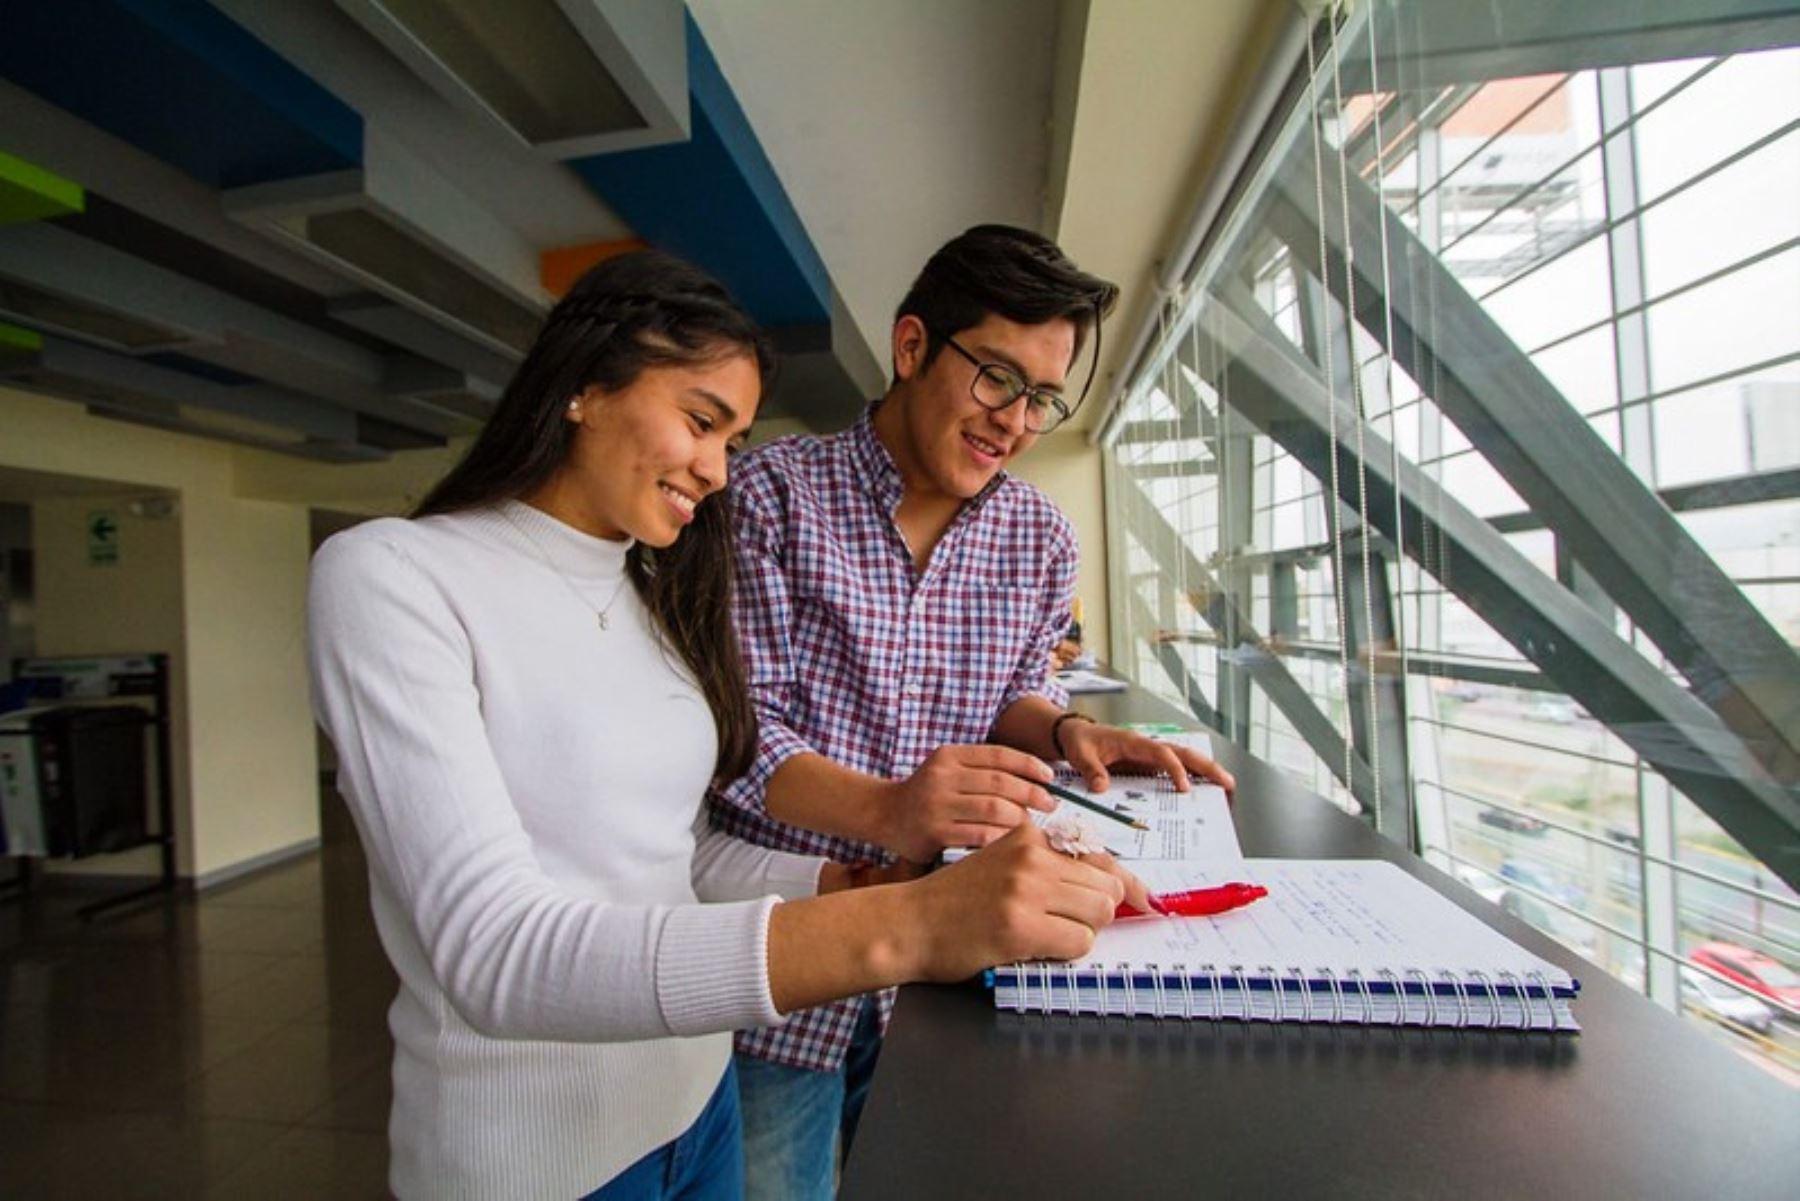 Beca Traslado otorgará 4,200 becas para estudiantes de universidades no licenciadas. Foto: ANDINA/Difusión.